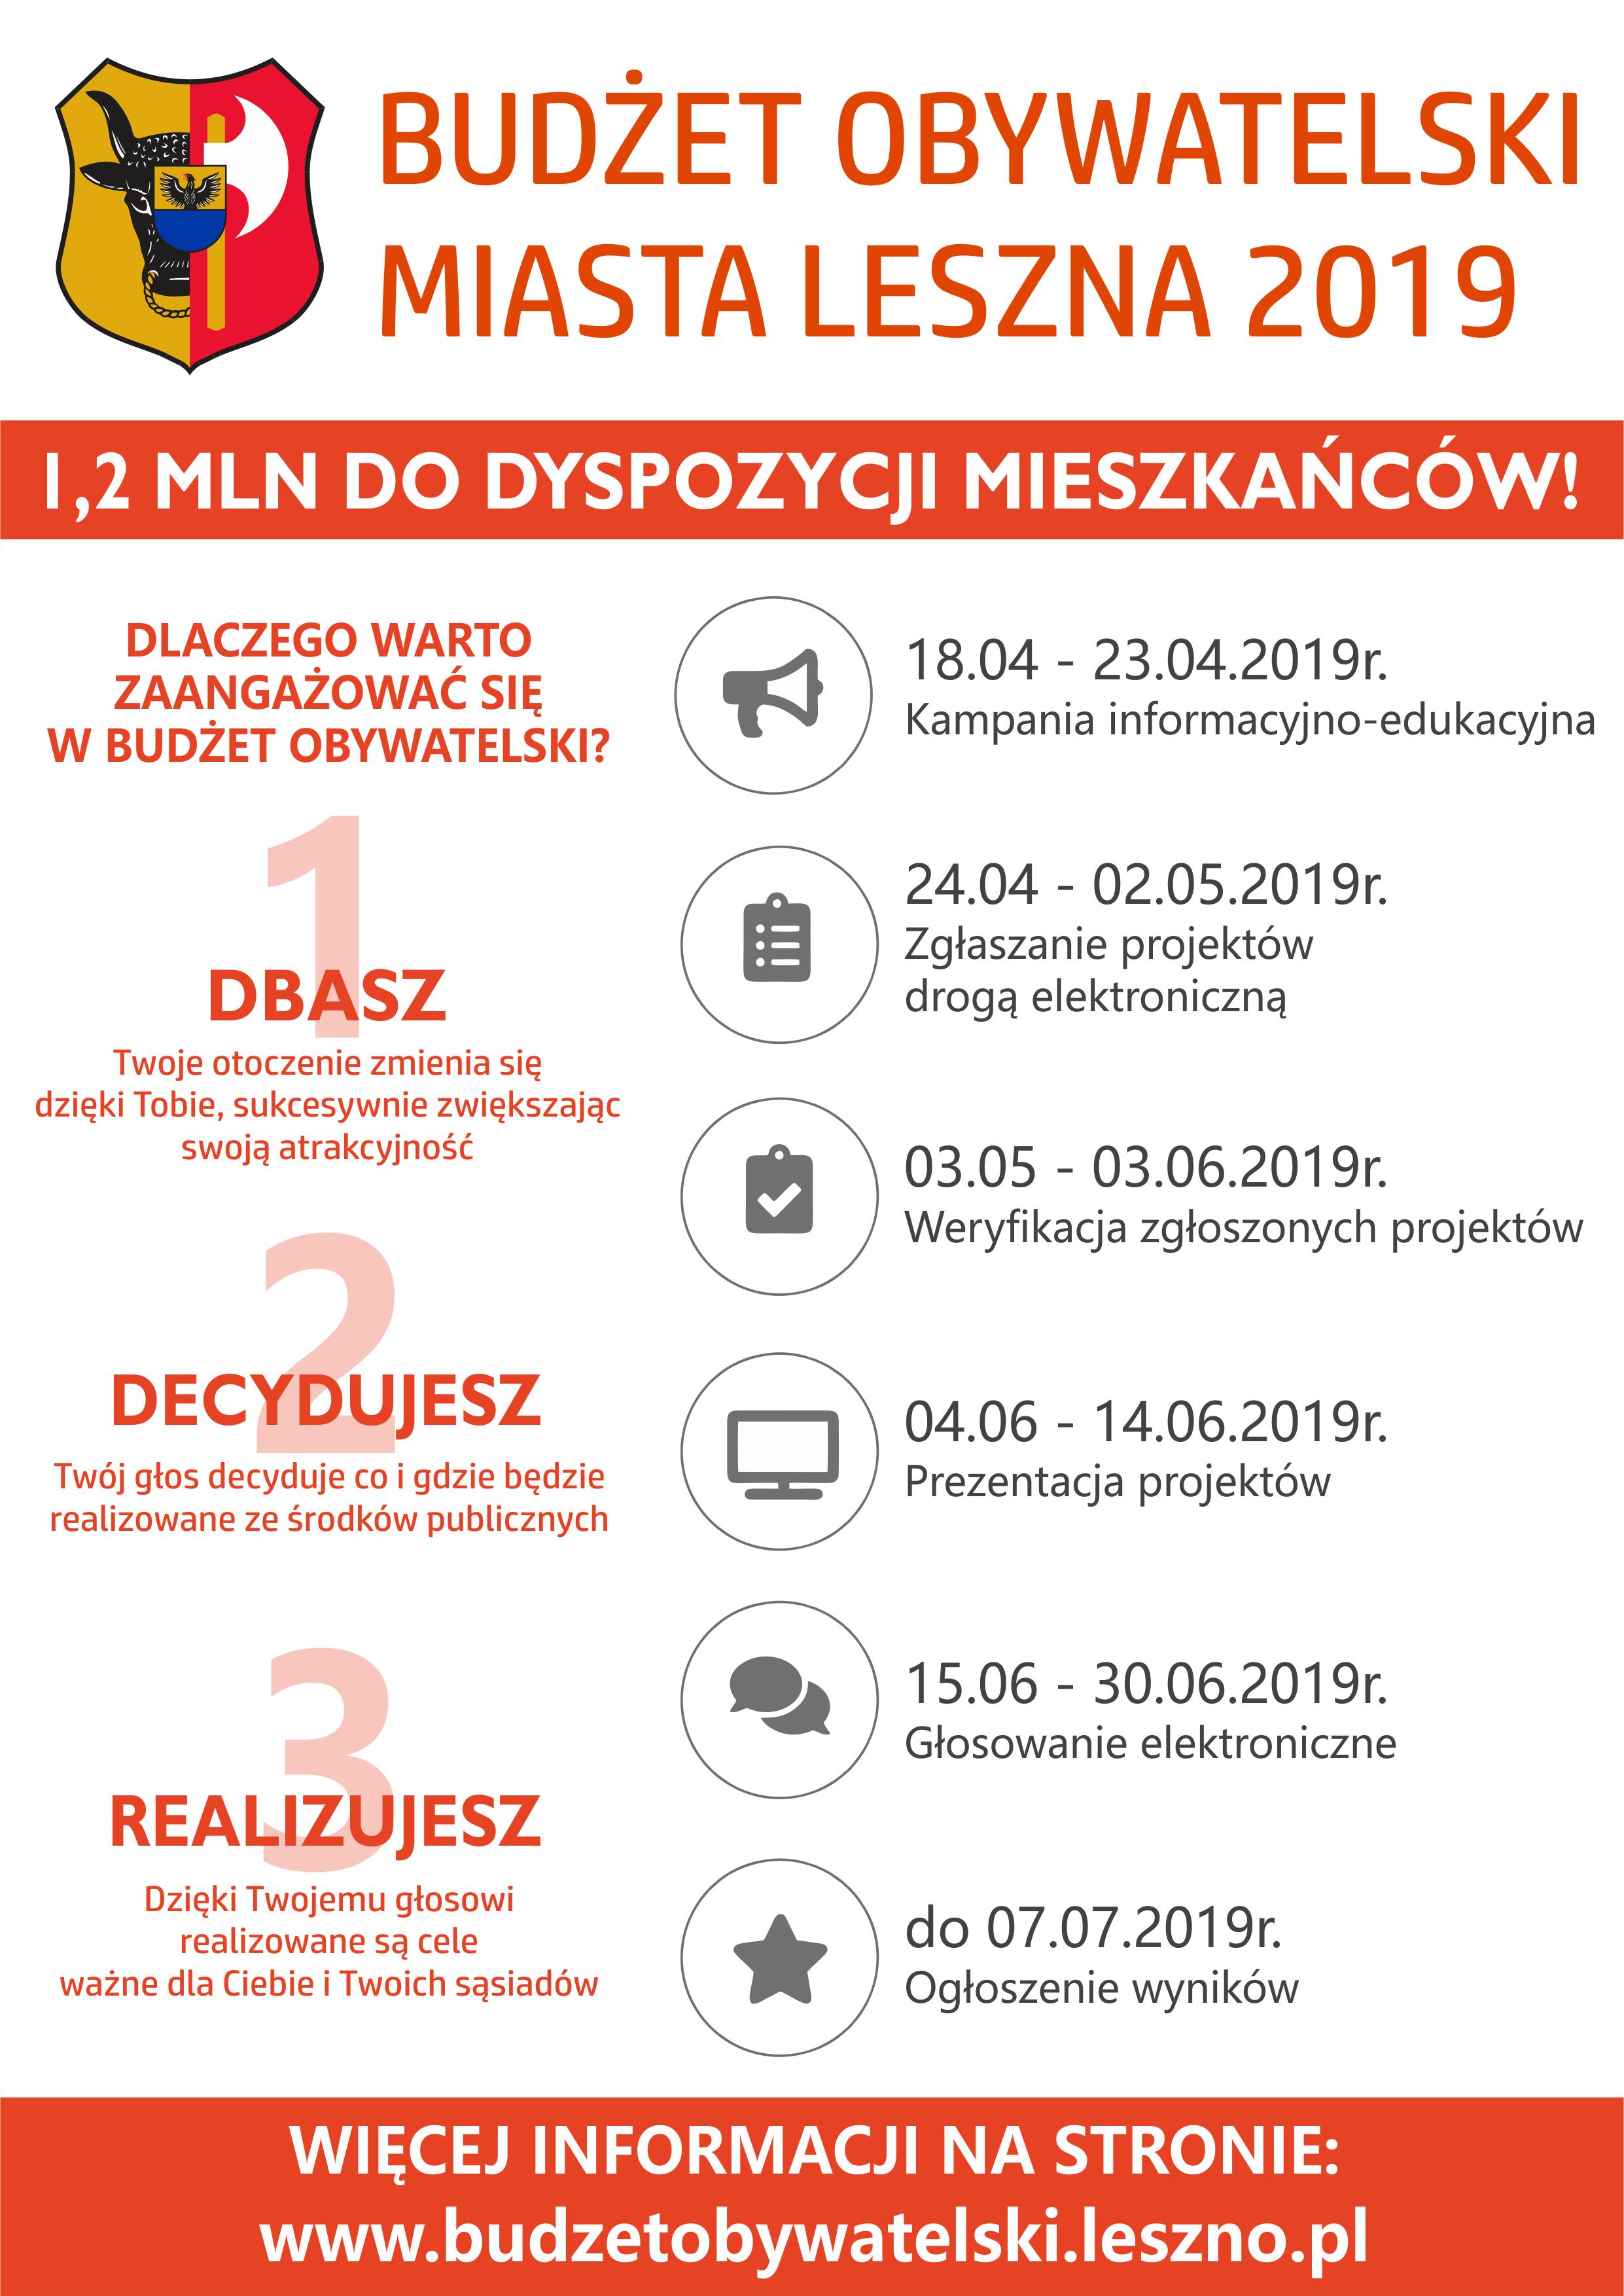 Plakat Budżetu Obywatelskiego Miasta Leszna na rok 2019